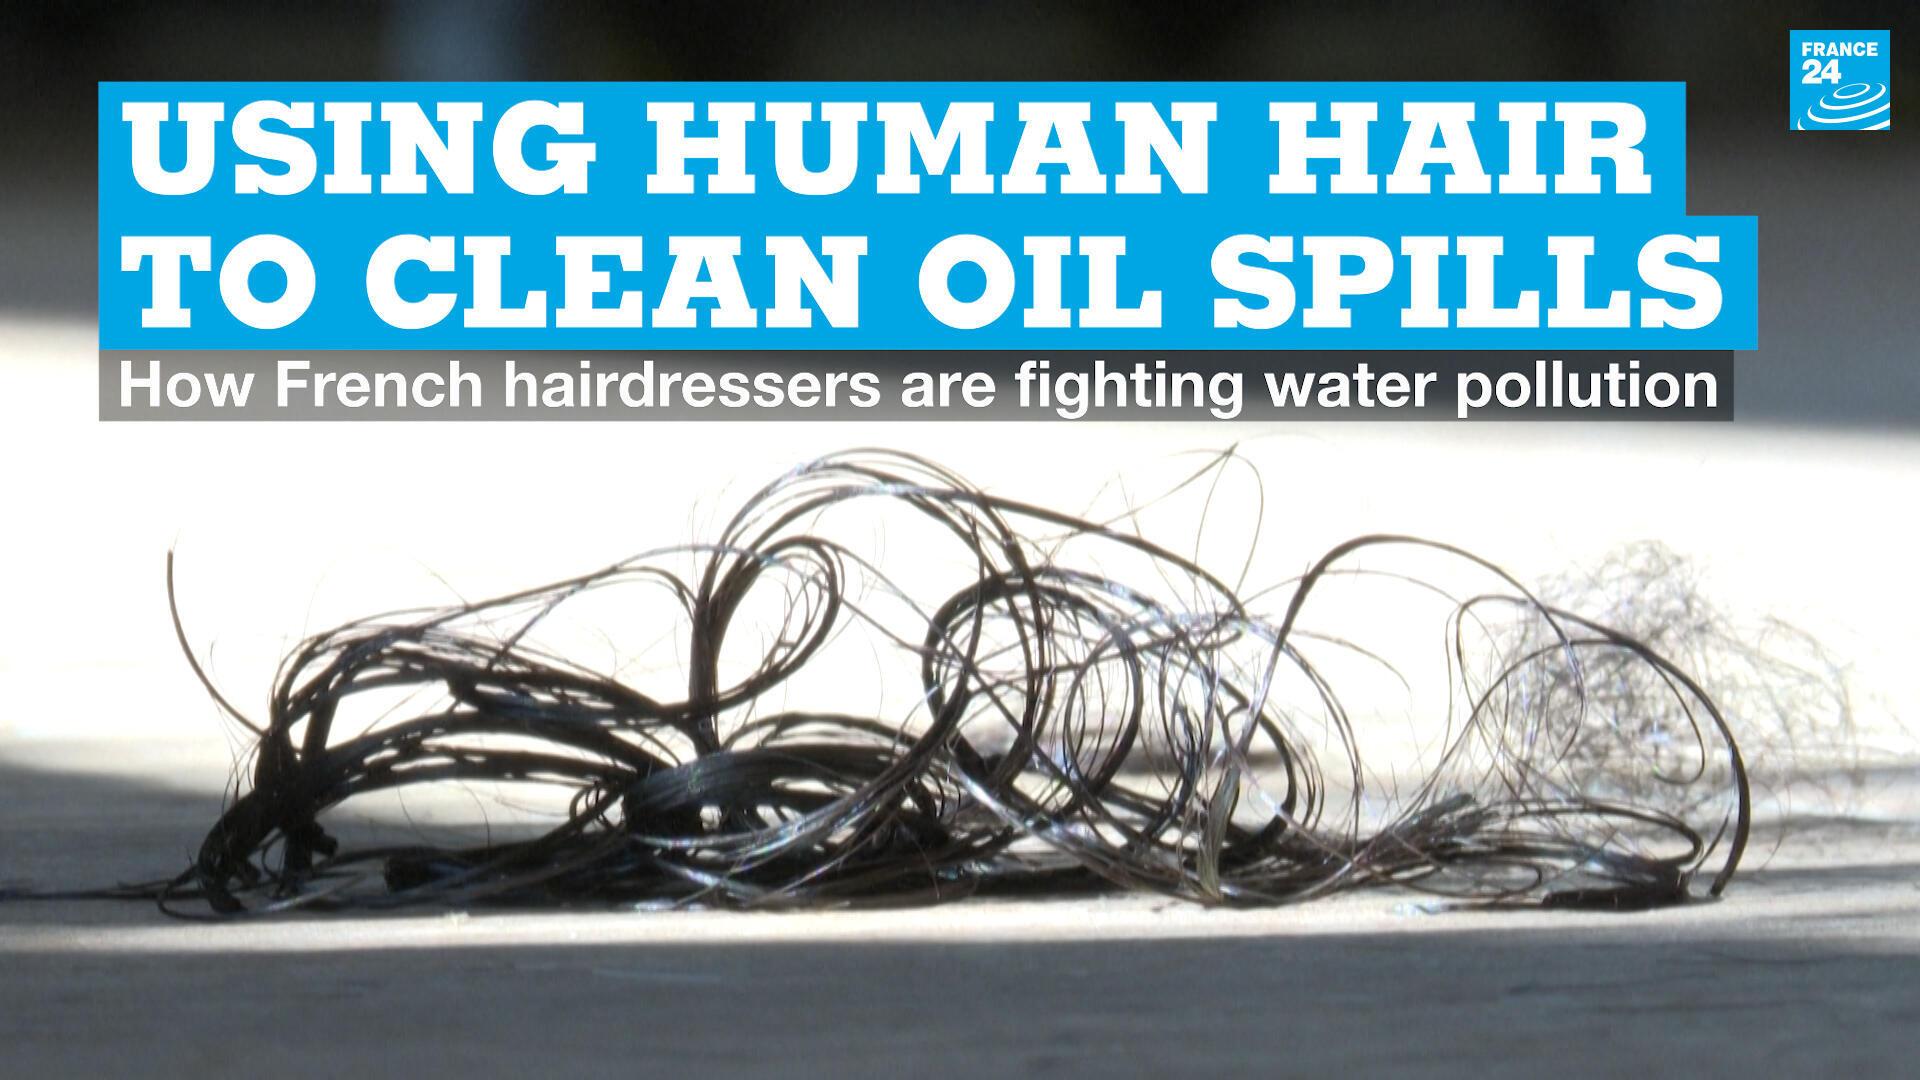 EN vignette hair oil spills